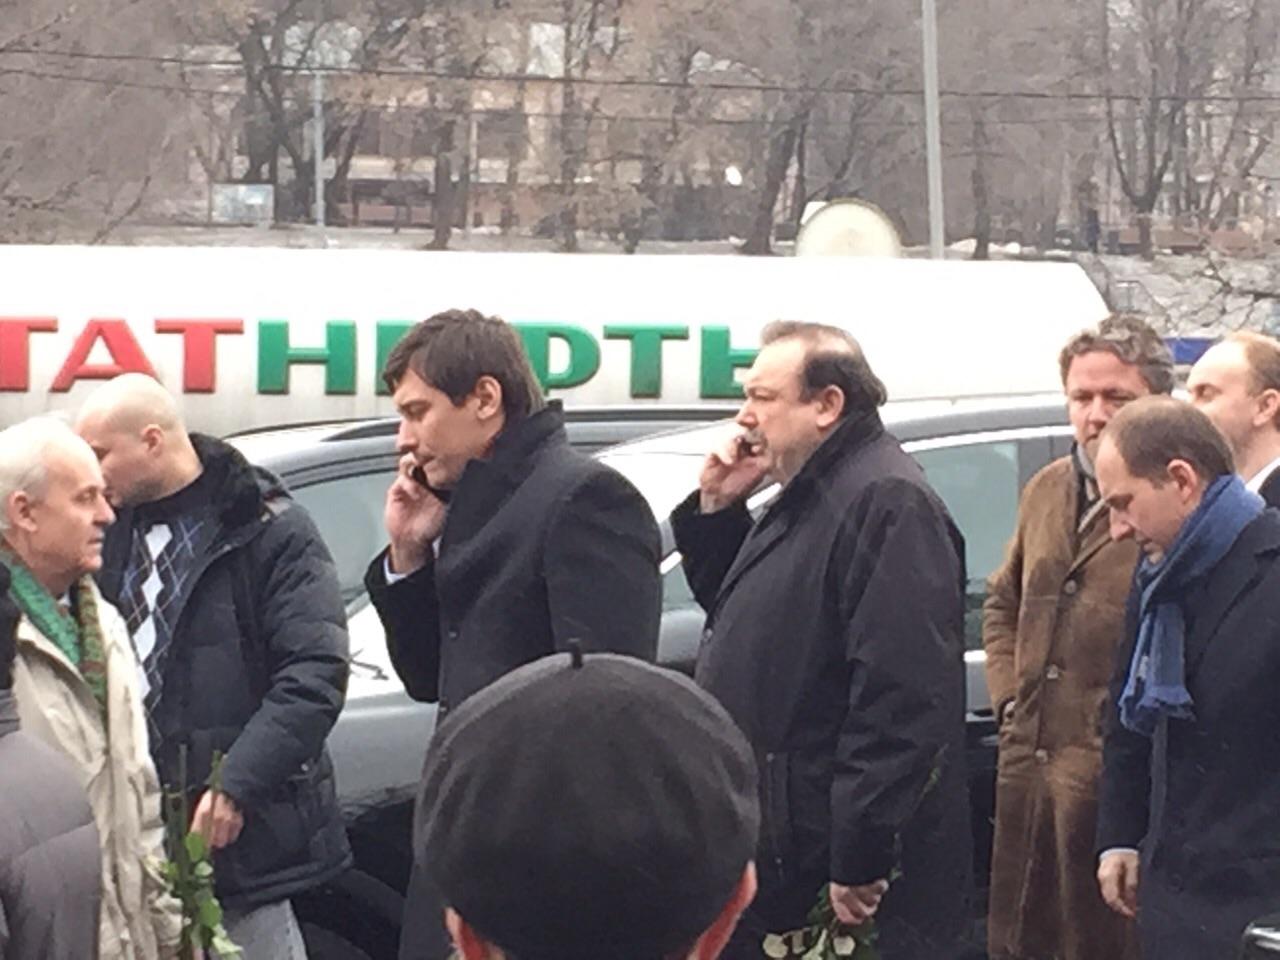 Политики Дмитрий Гудков и Геннадий Гудков